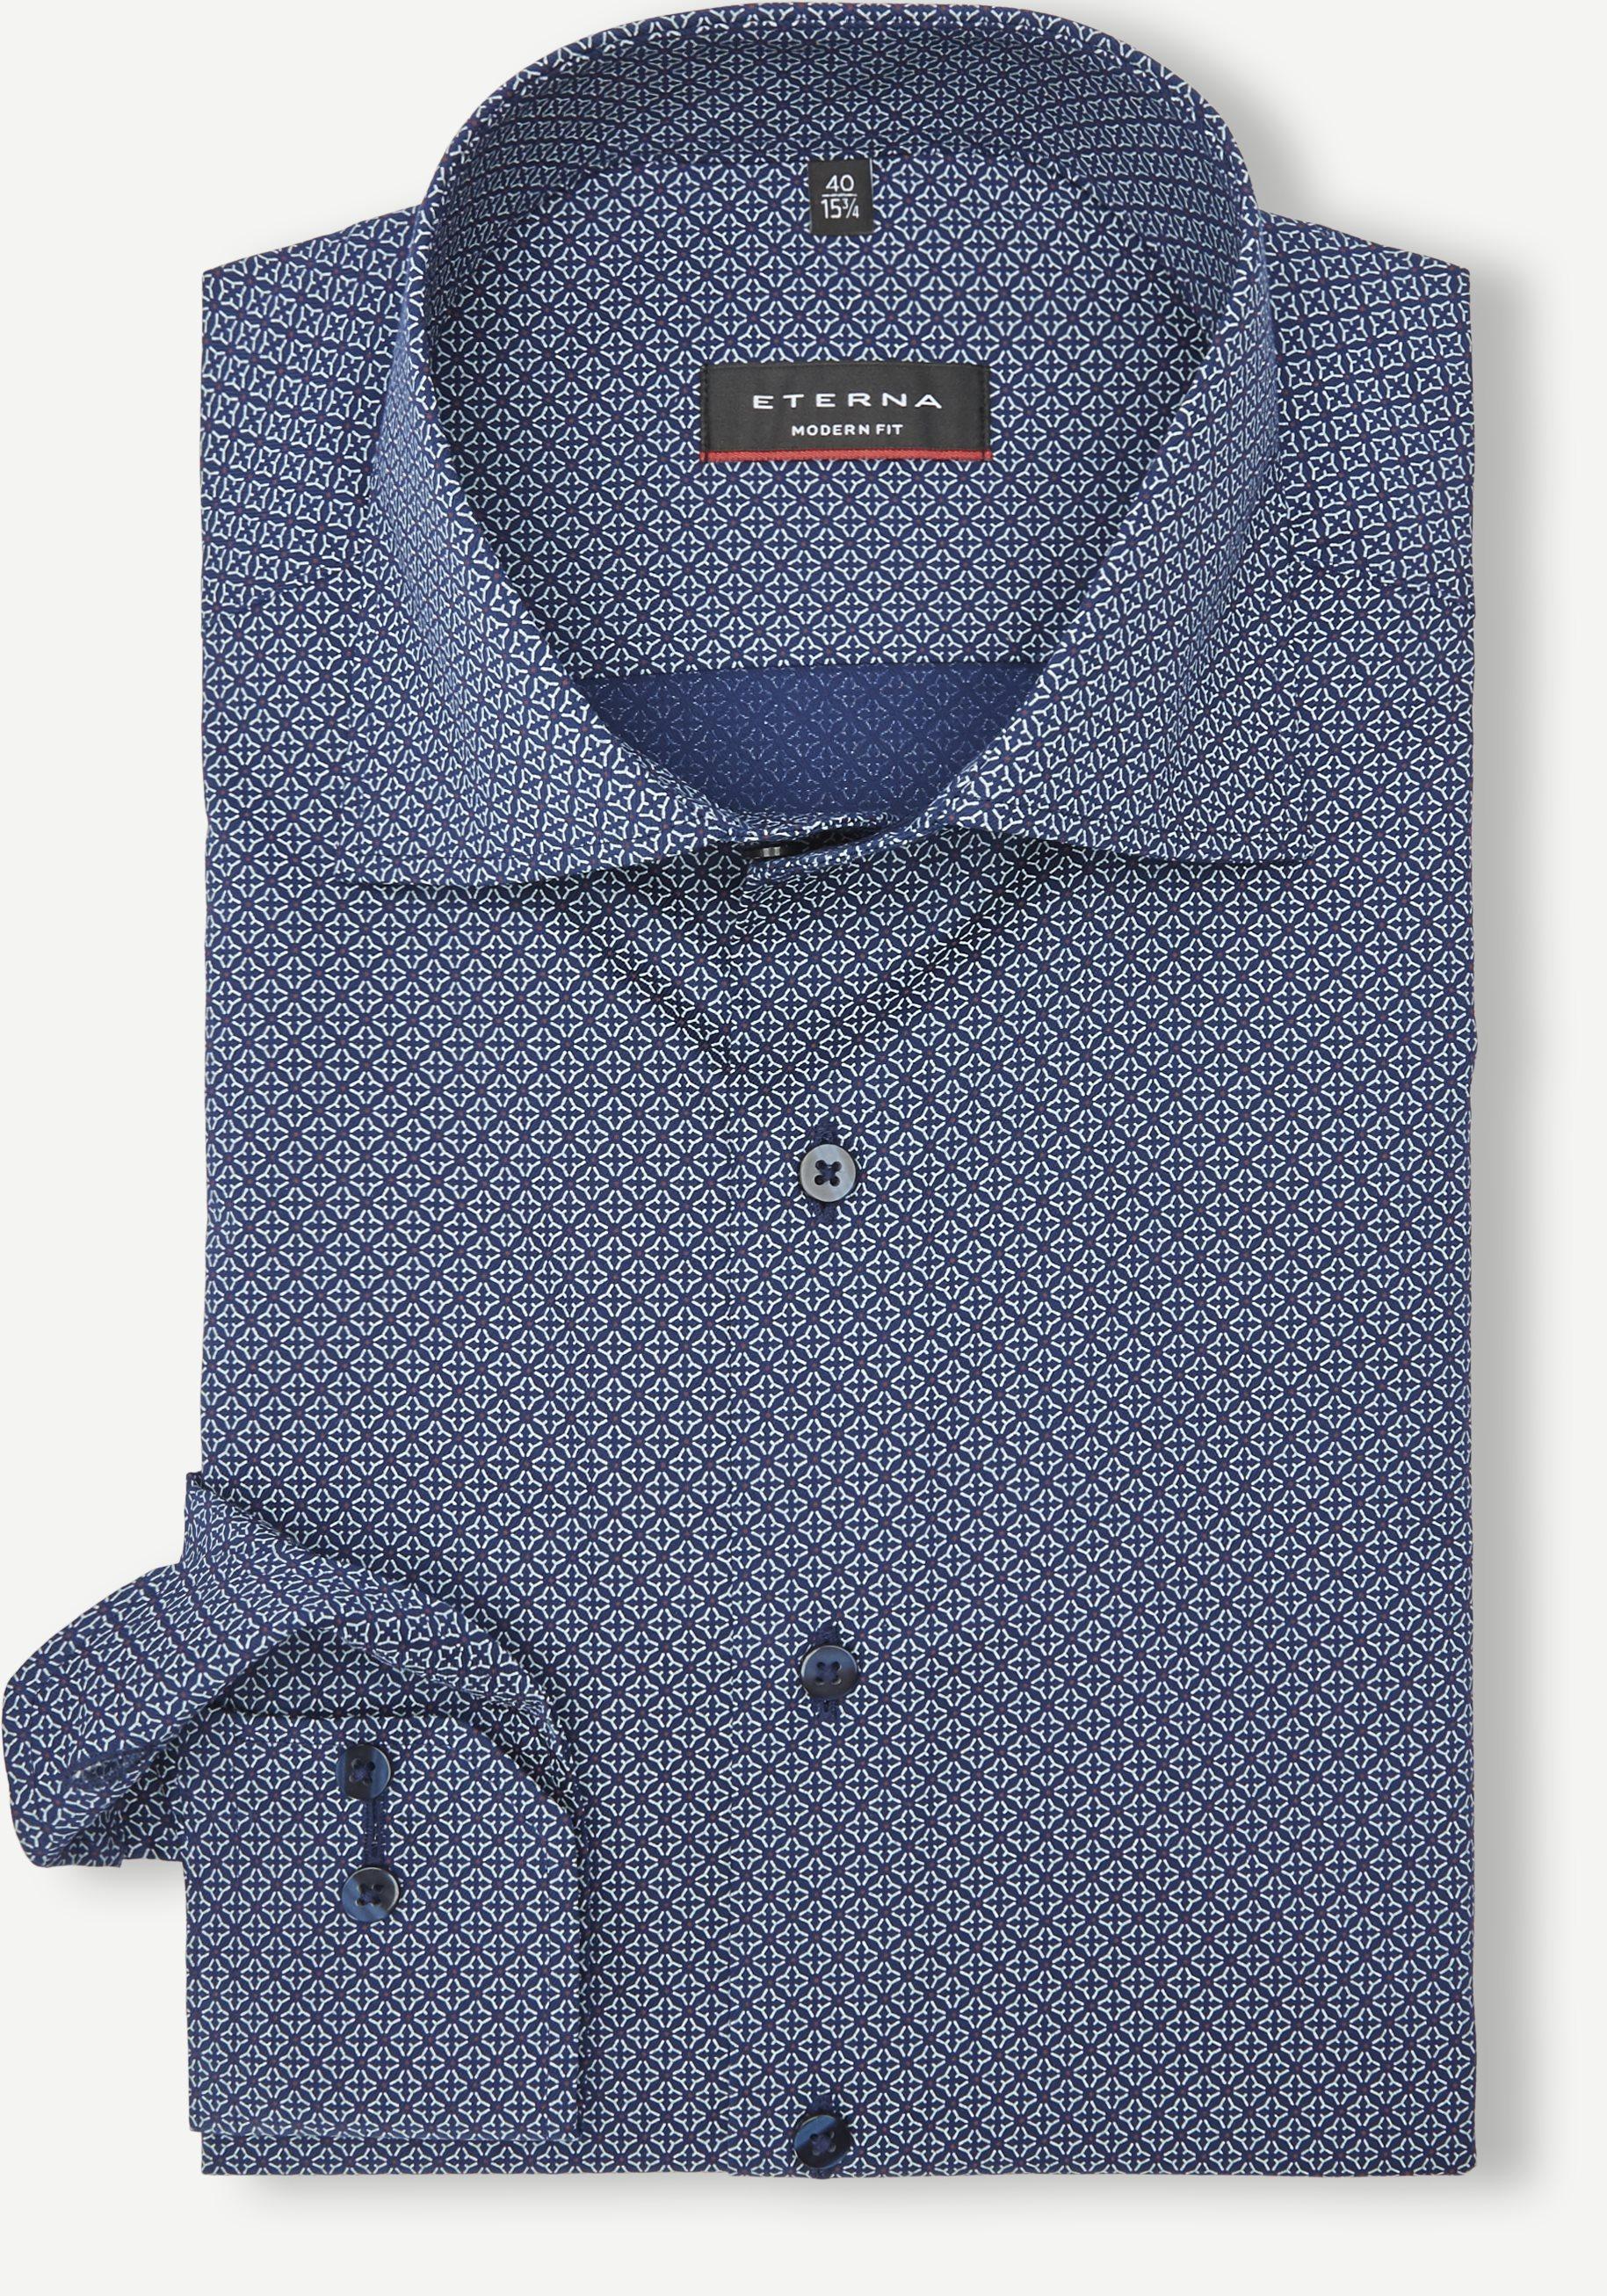 3948 Skjorte - Skjorter - Modern fit - Blå